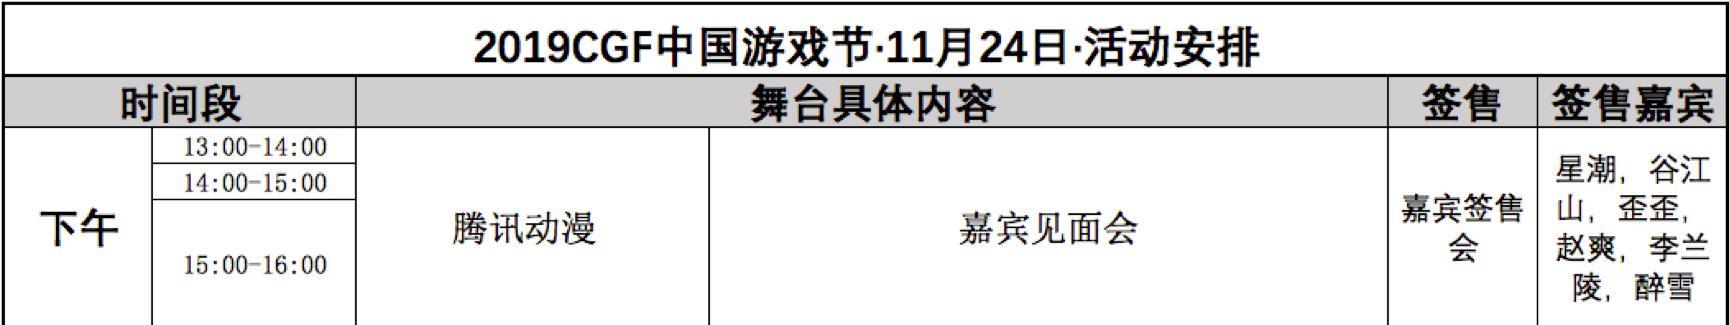 11月22-24日2019 CGF中国游戏节展会现场活动首次曝光 展会活动-第12张